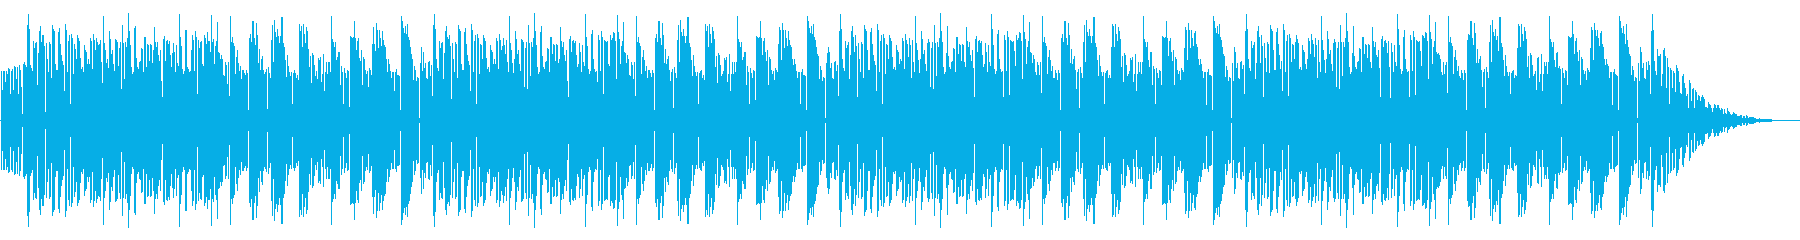 GB風アクションゲームのタイトル曲の再生済みの波形